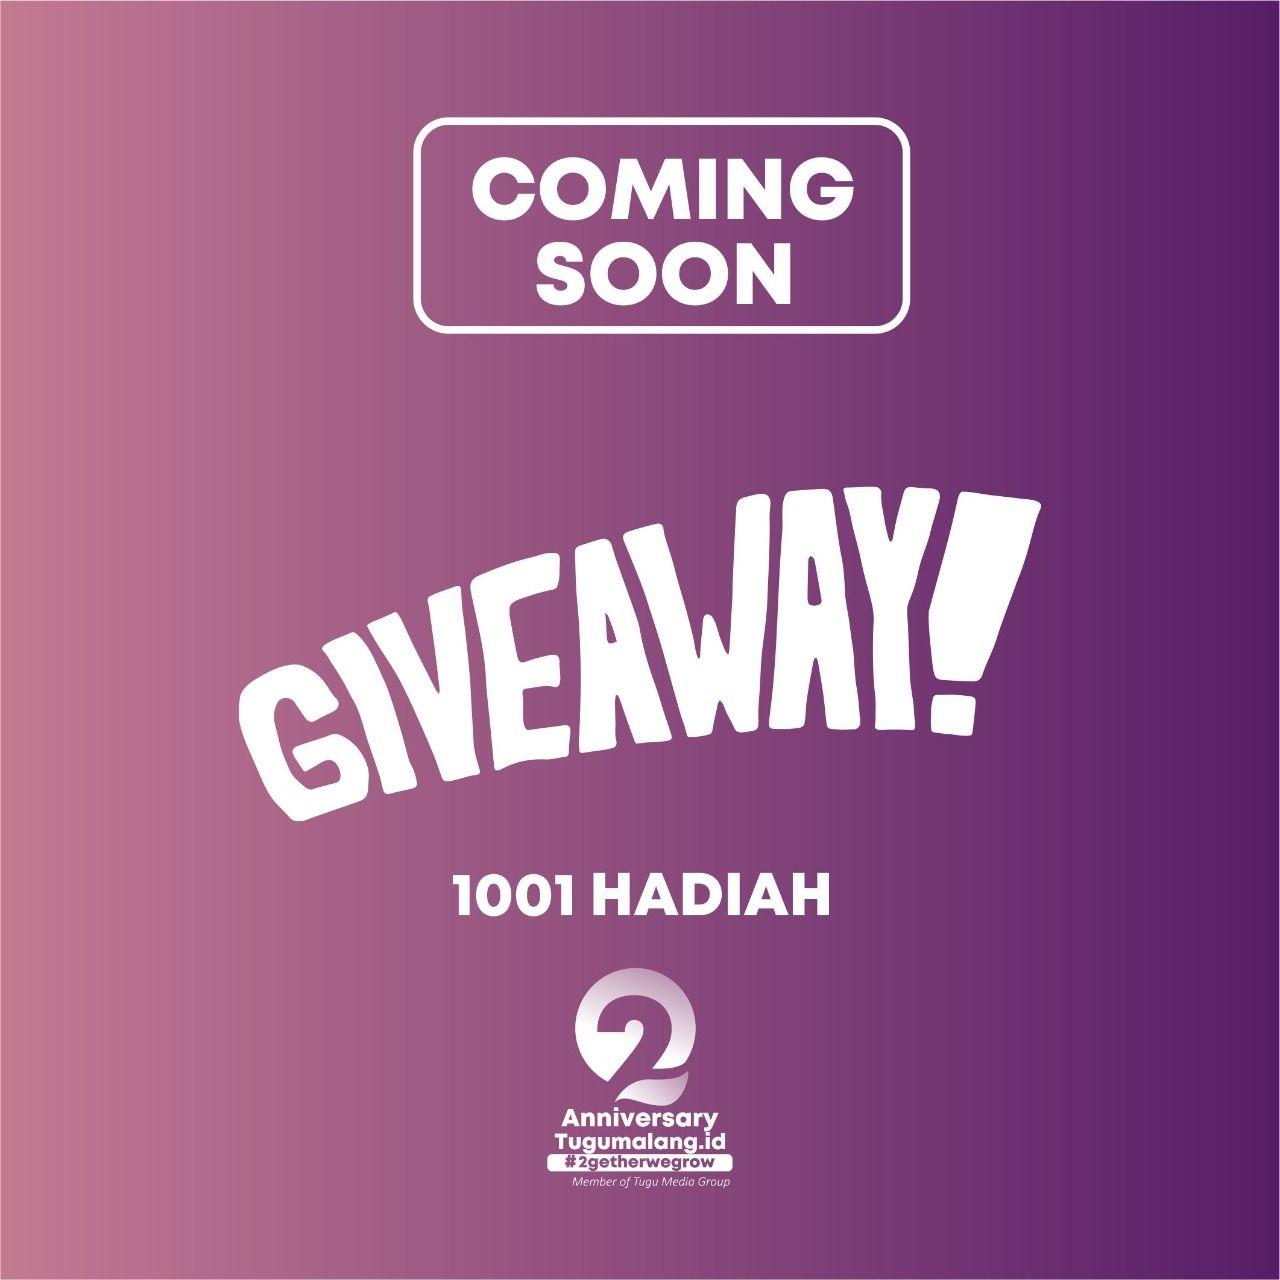 Tugu Malang ID (grup Tugu Jatim) bakal membagikan 1.001 hadiah untuk memperingati perayaan ulang tahun yang kedua. (Foto: Dokumen/Tugu Malang/Tugu Jatim)